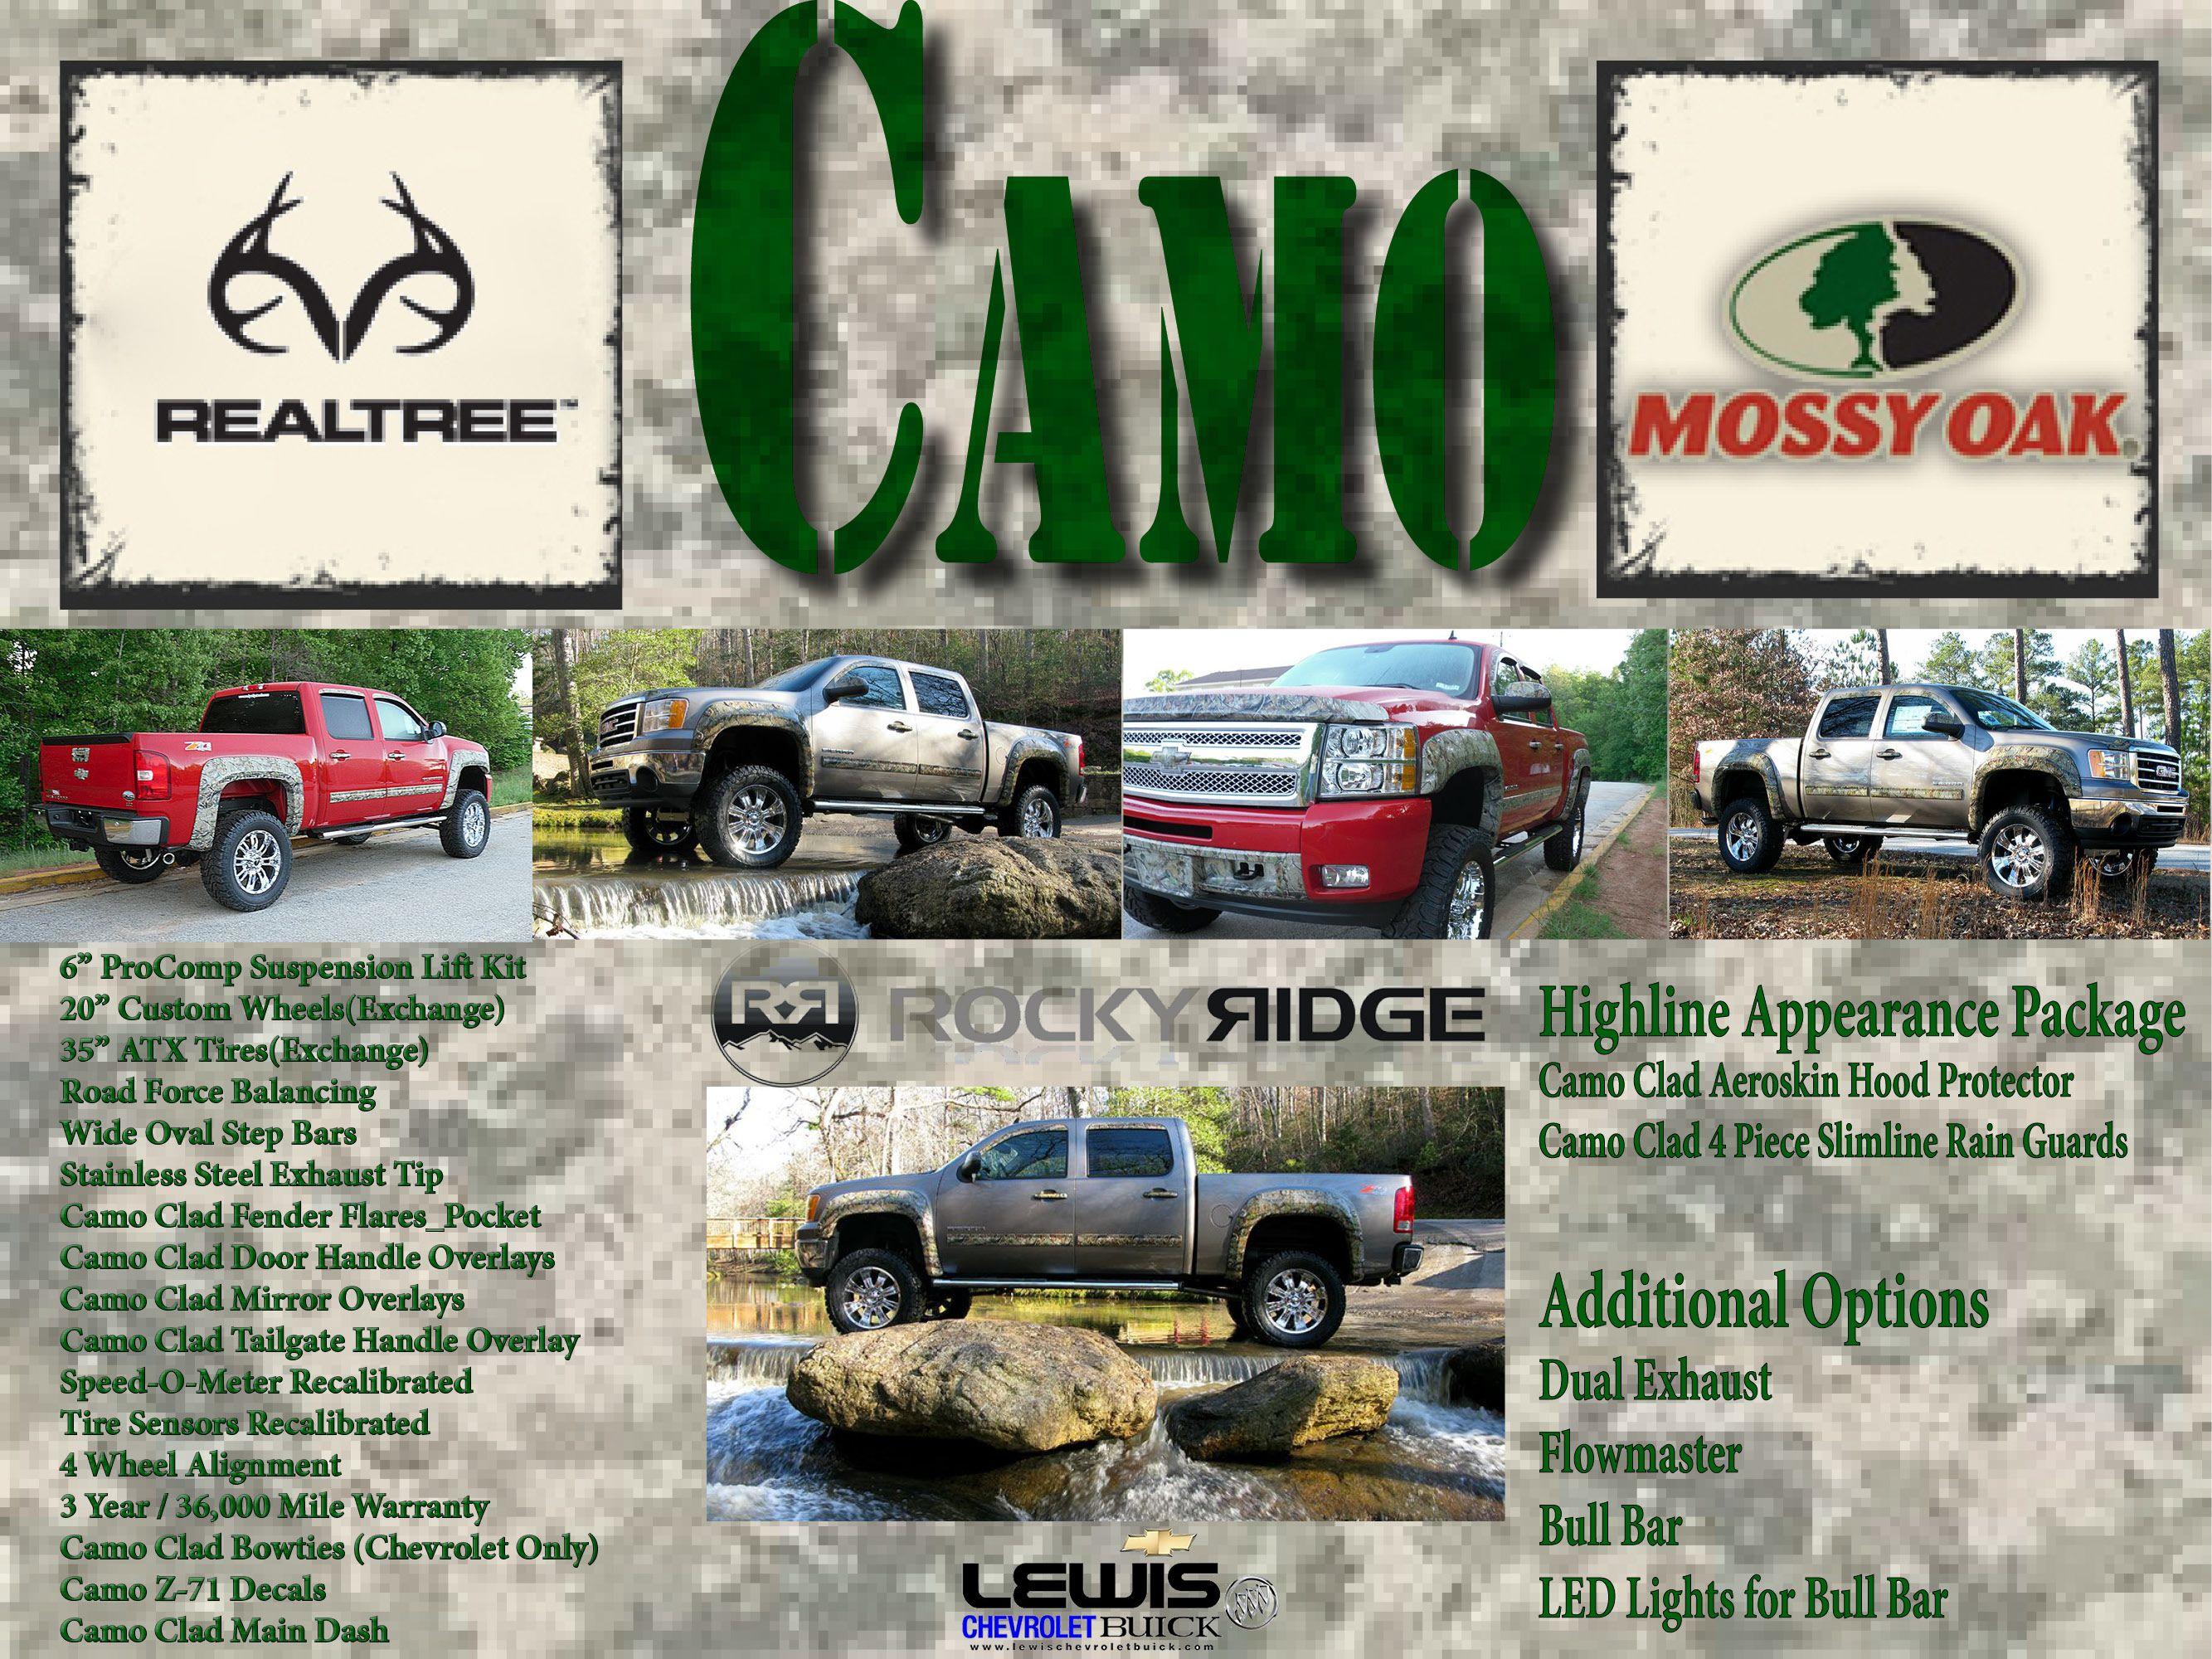 2013 Chevrolet Silverado 2500hd 4wd Crew Cab 153 7 Lt Chevy Silverado 2500 Hd Lifted Trucks Chevy Silverado 2500